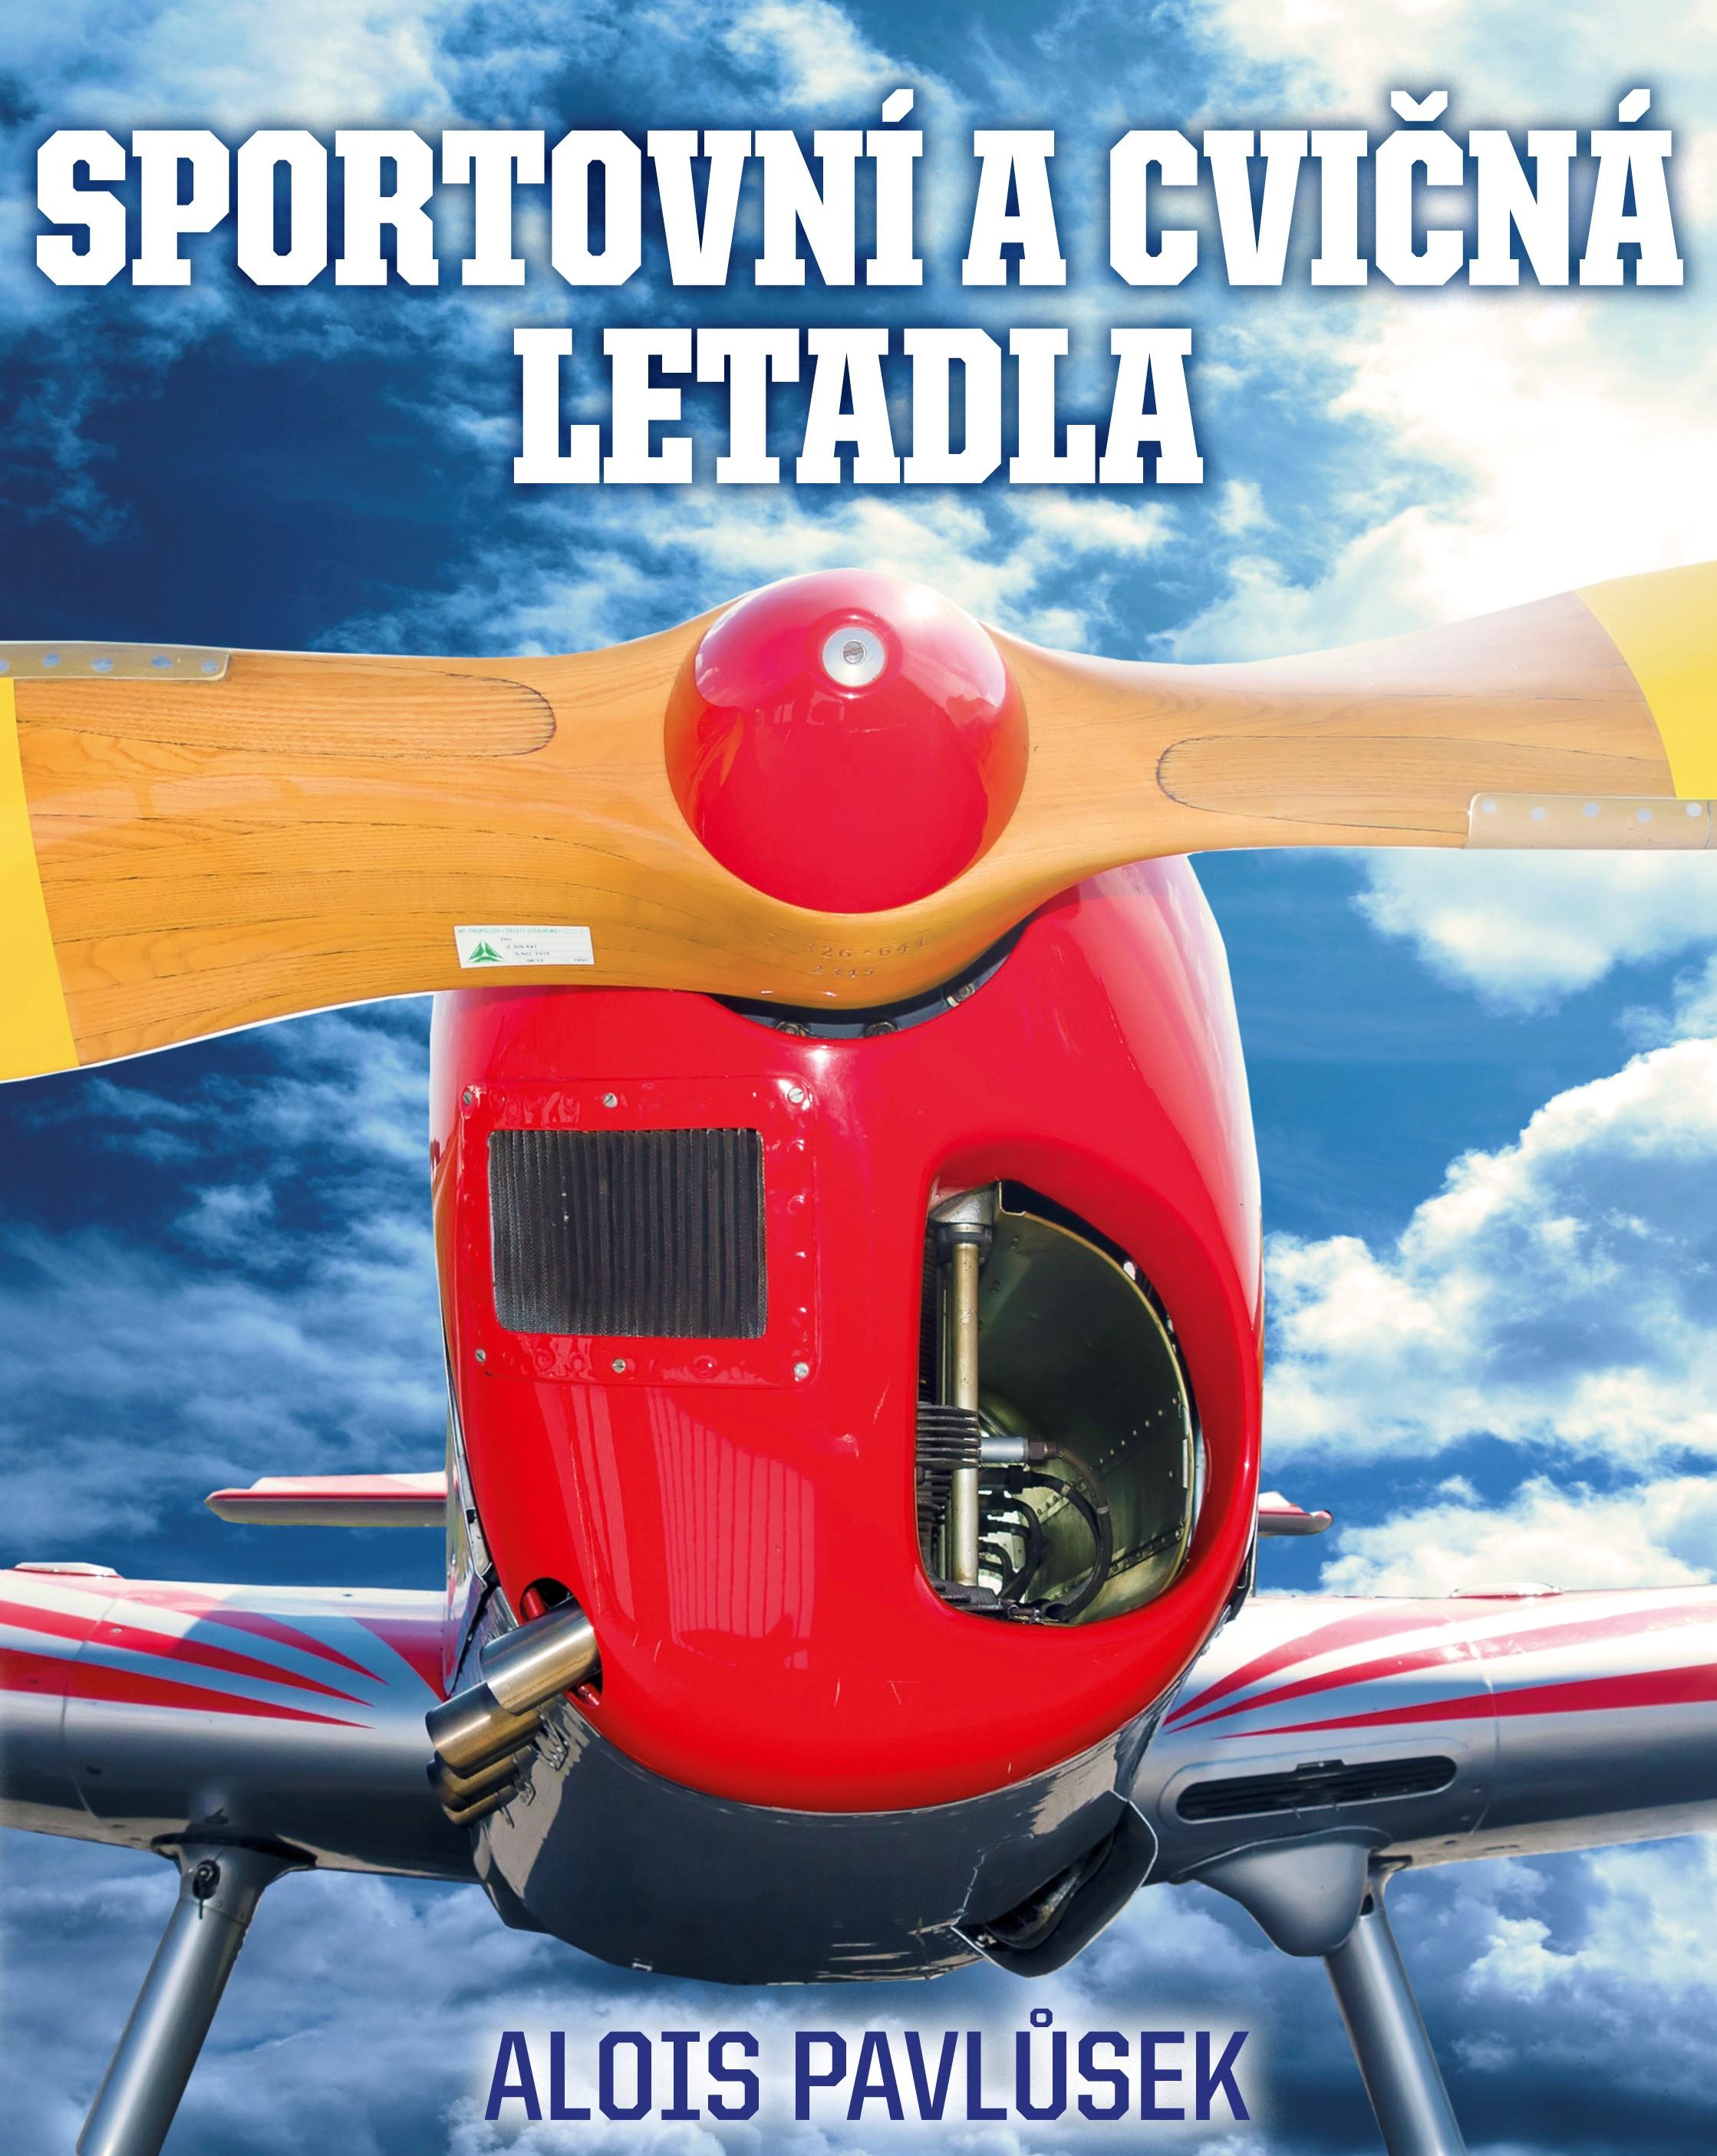 Sportovní a cvičná letadla